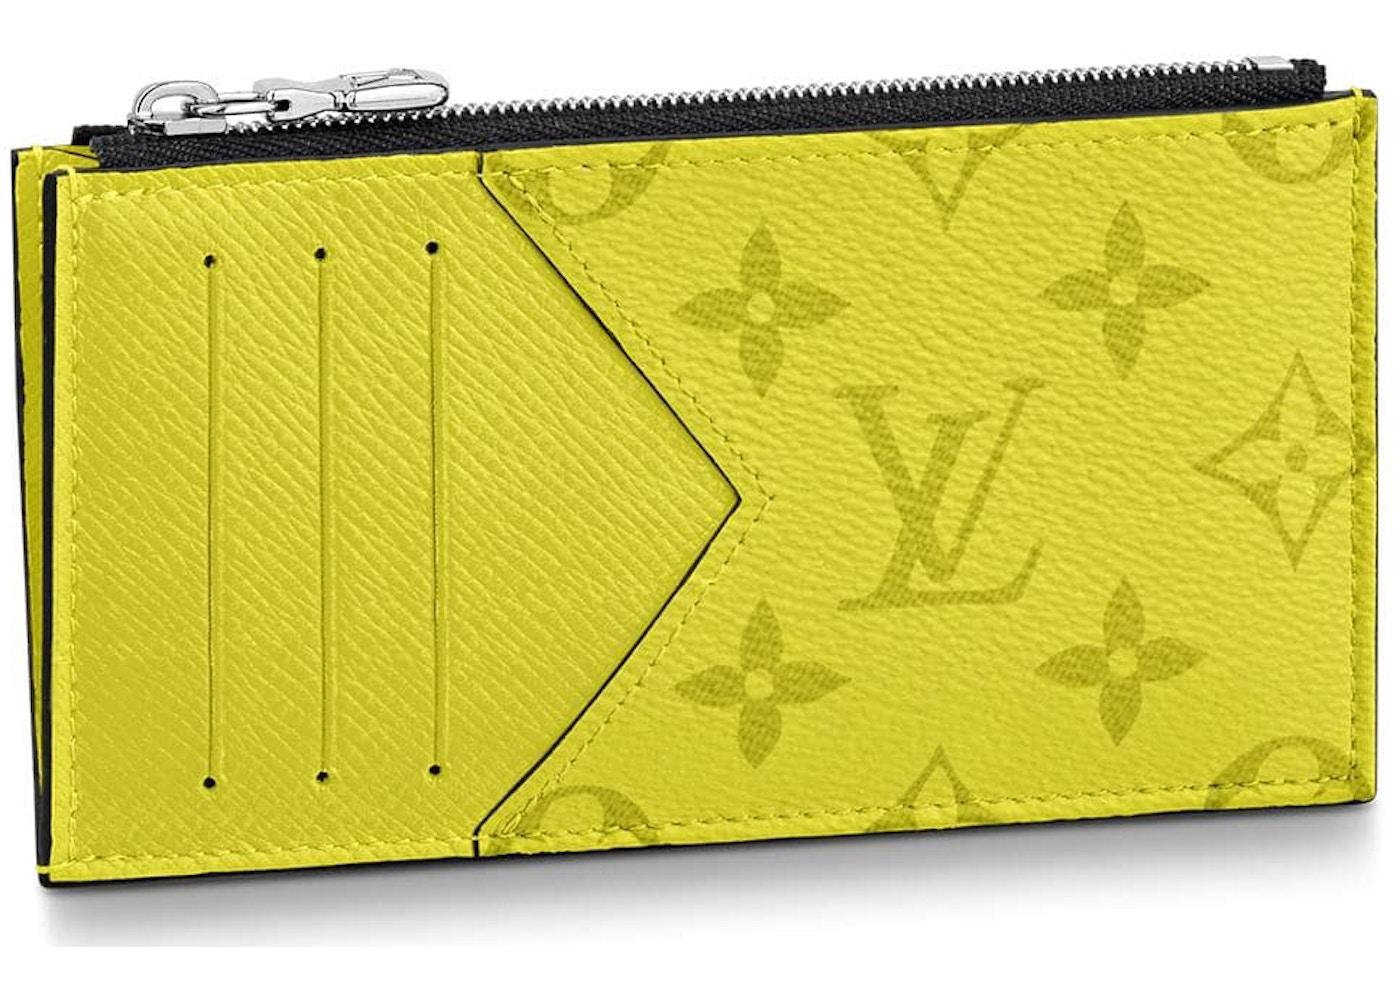 5673db2acf Louis Vuitton Coin Card Holder Monogram Bahia Yellow